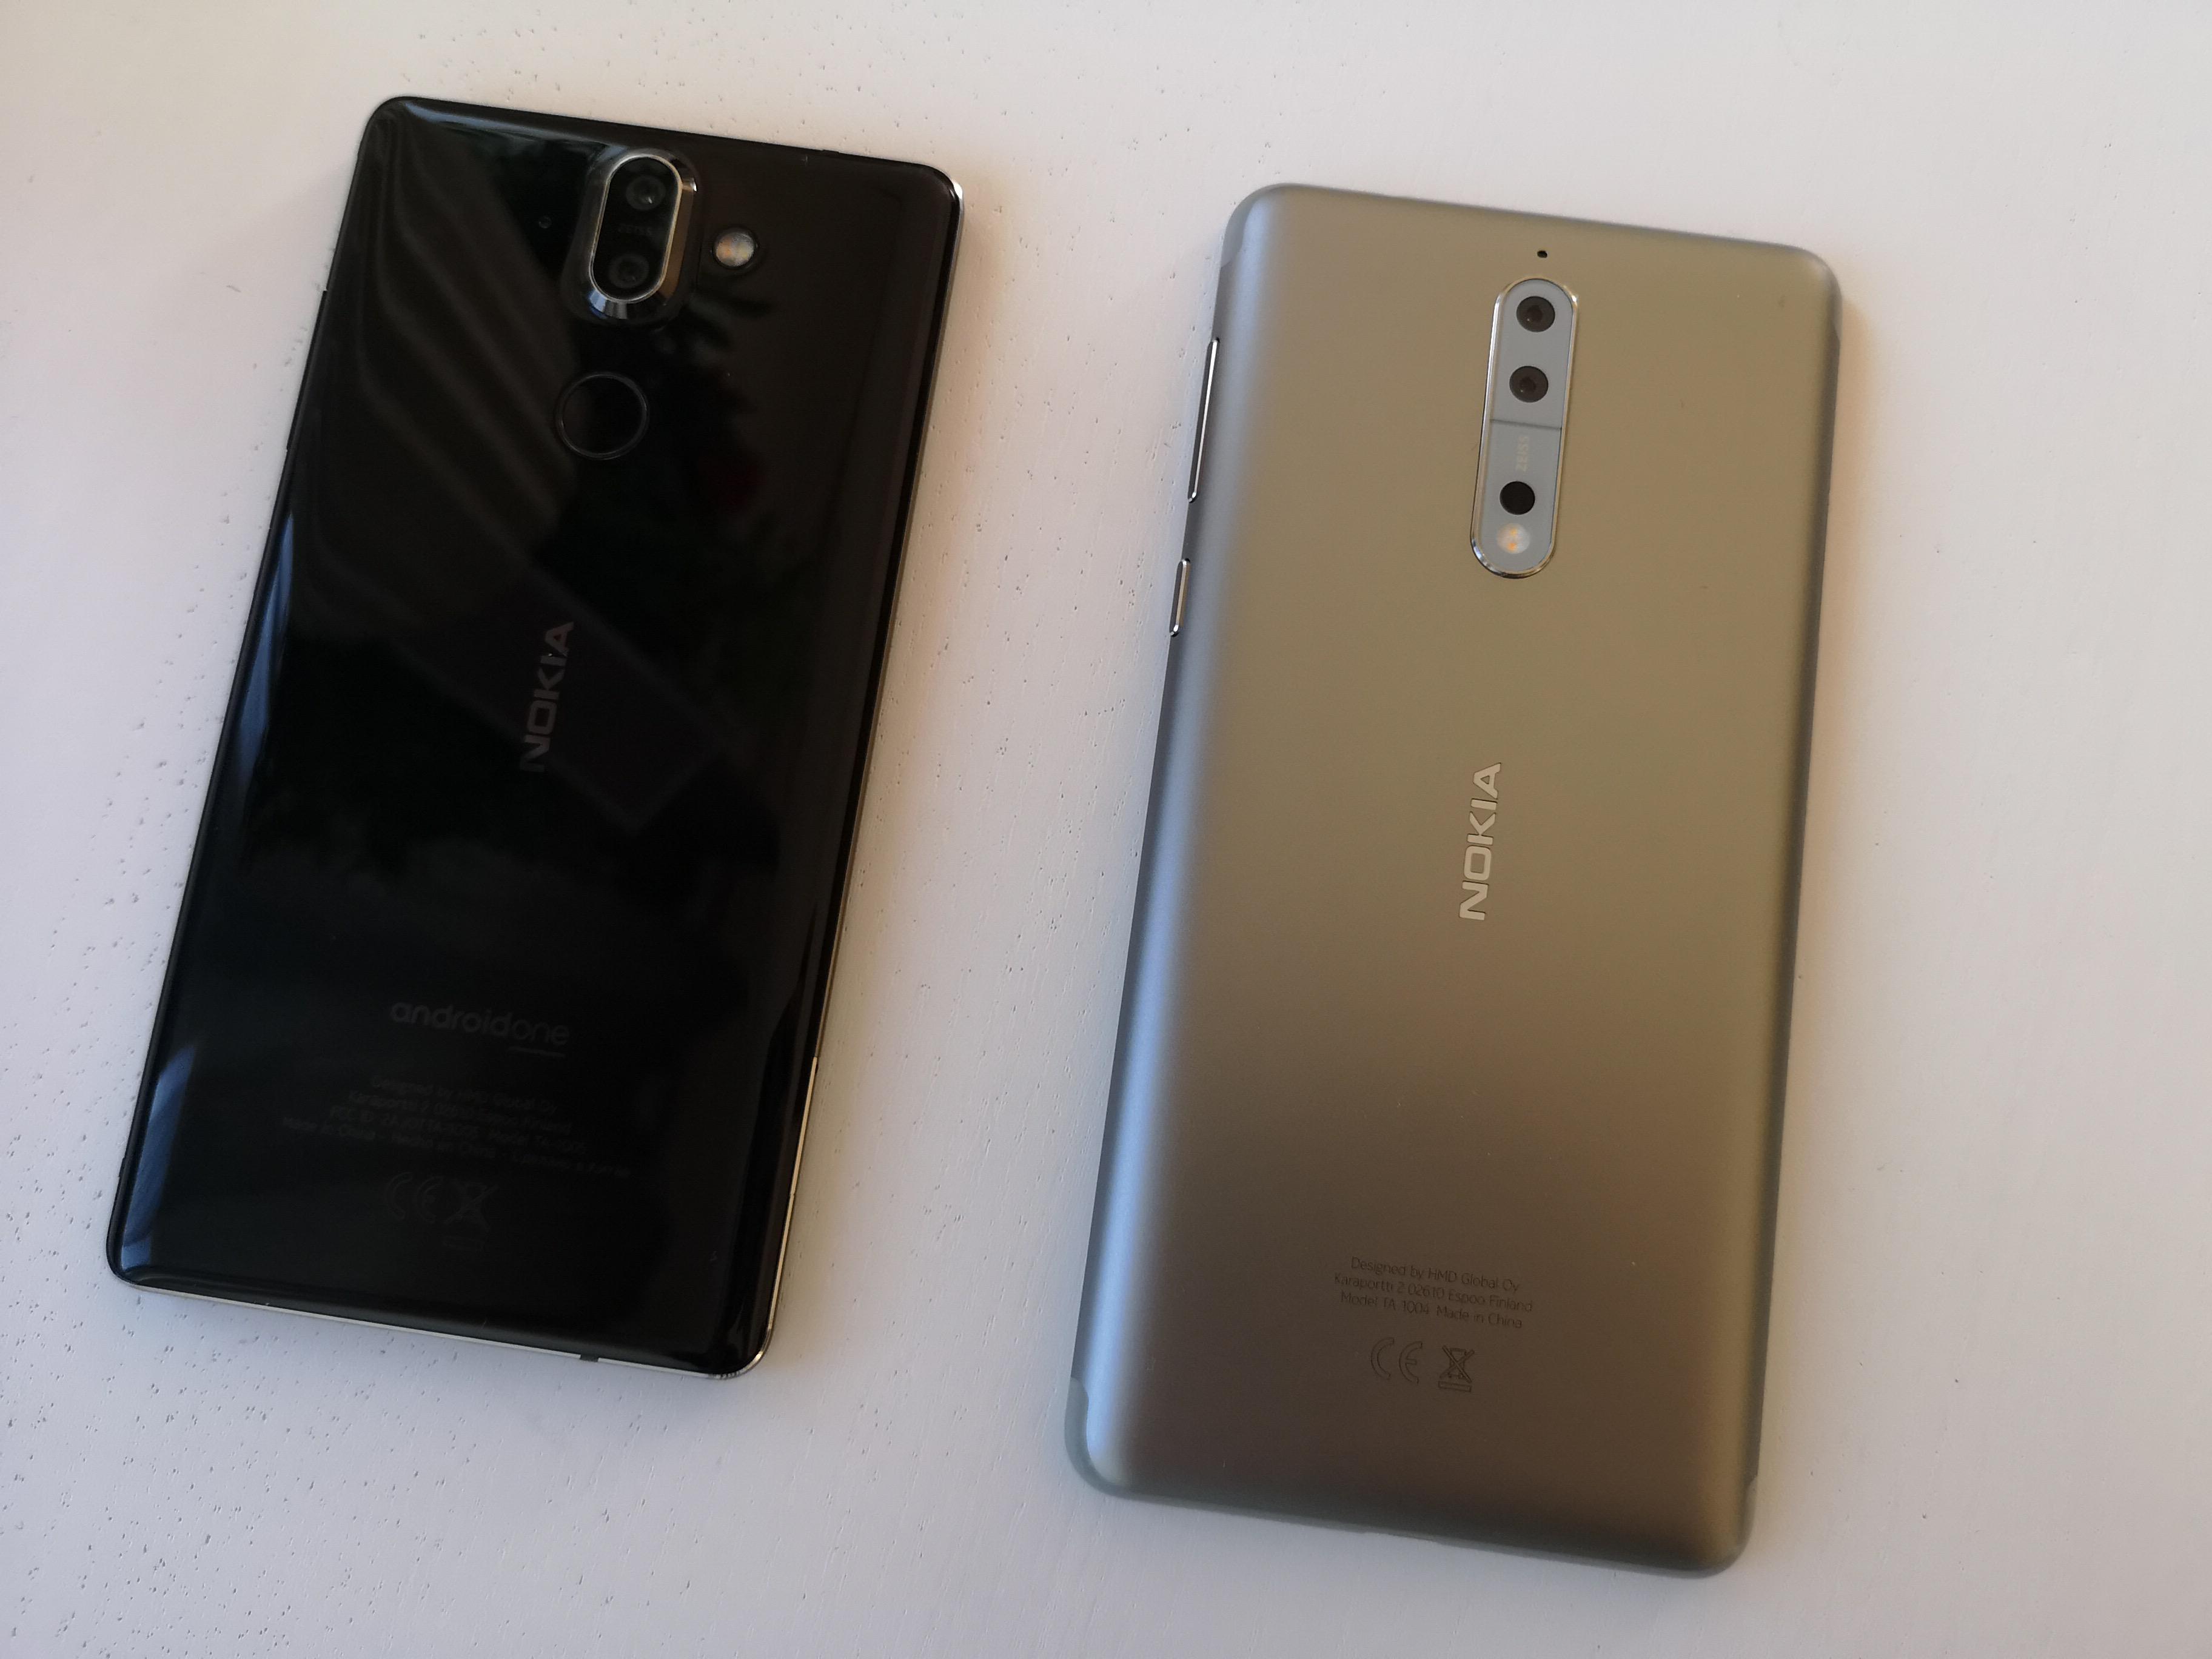 Det er få likheter mellom Nokia 8 Sirocco og Nokia 8.